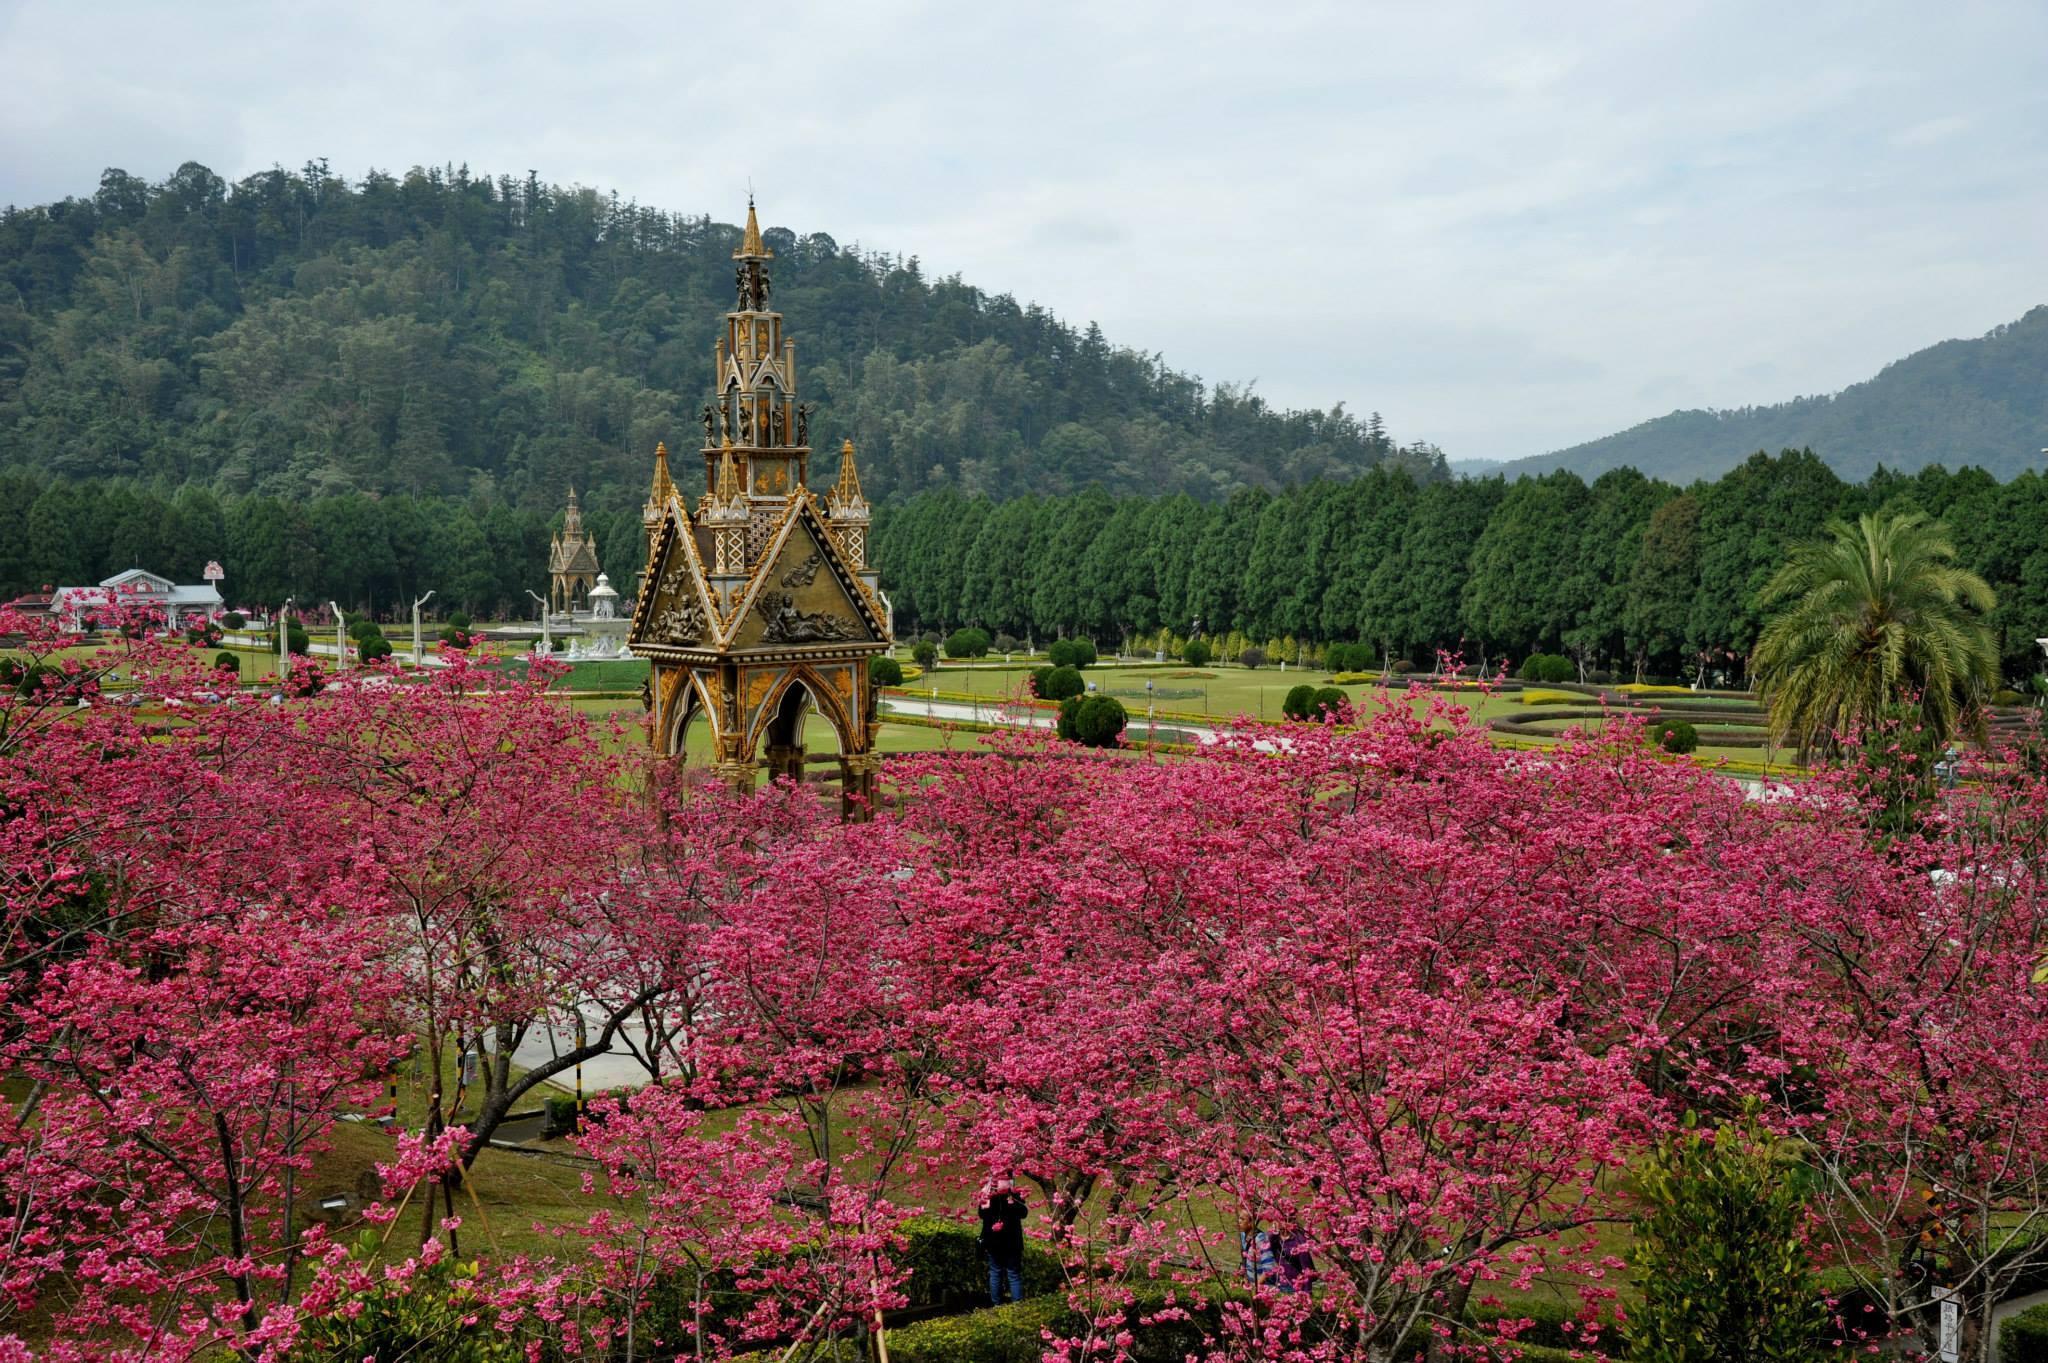 台灣樂遊遊-南投九族櫻花祭二天